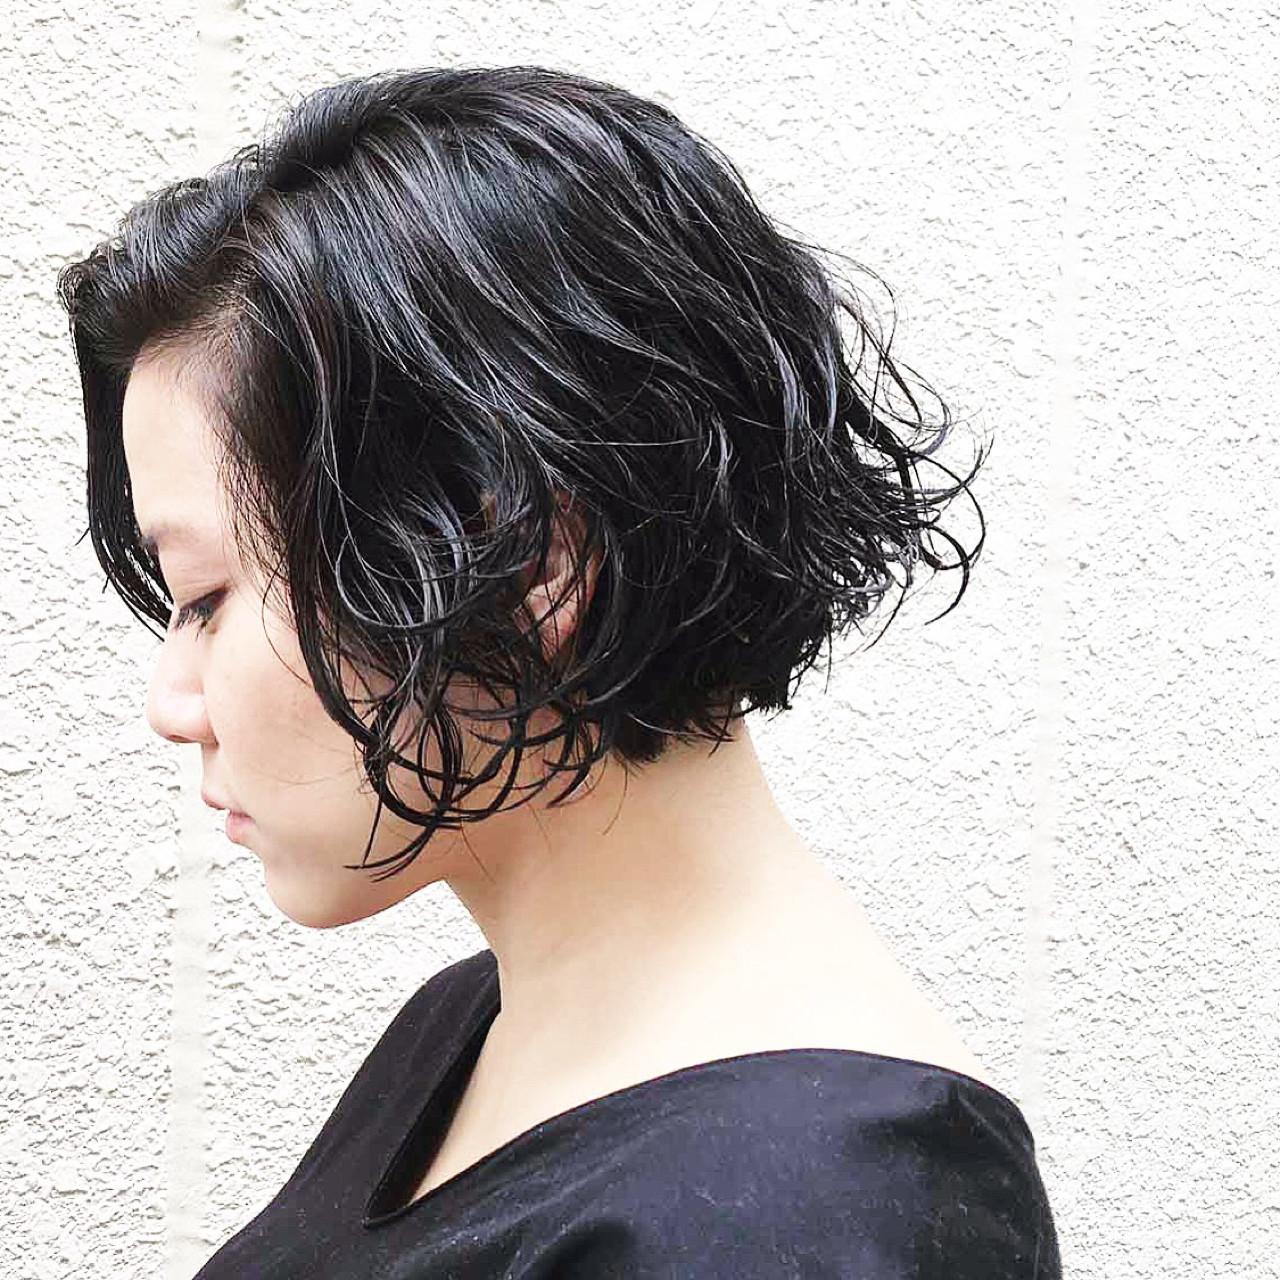 ぺたんこになりがちなショートヘアさん必見!デジタルパーマでふんわり旬ヘアに♡ 篠崎 佑介  ticro.